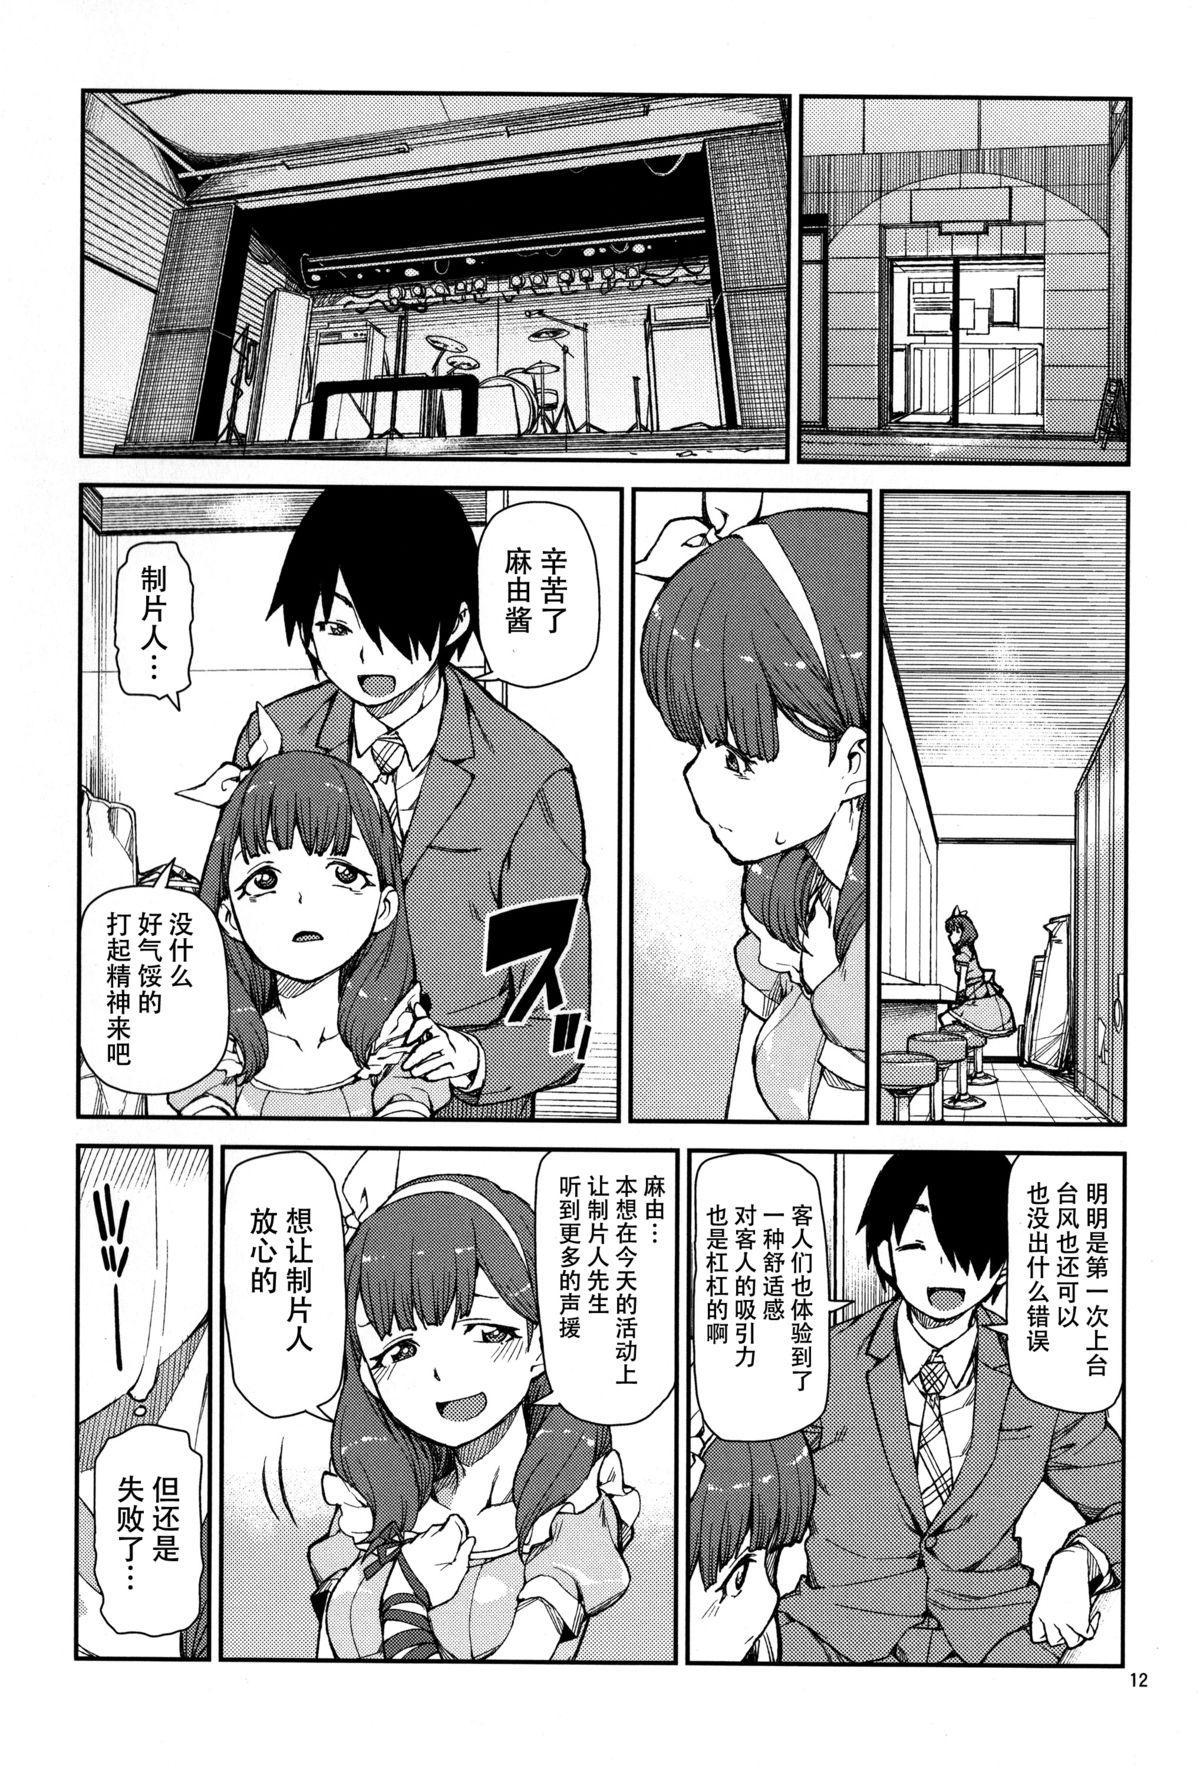 Korekara Nakyoku Shimashou ne 13